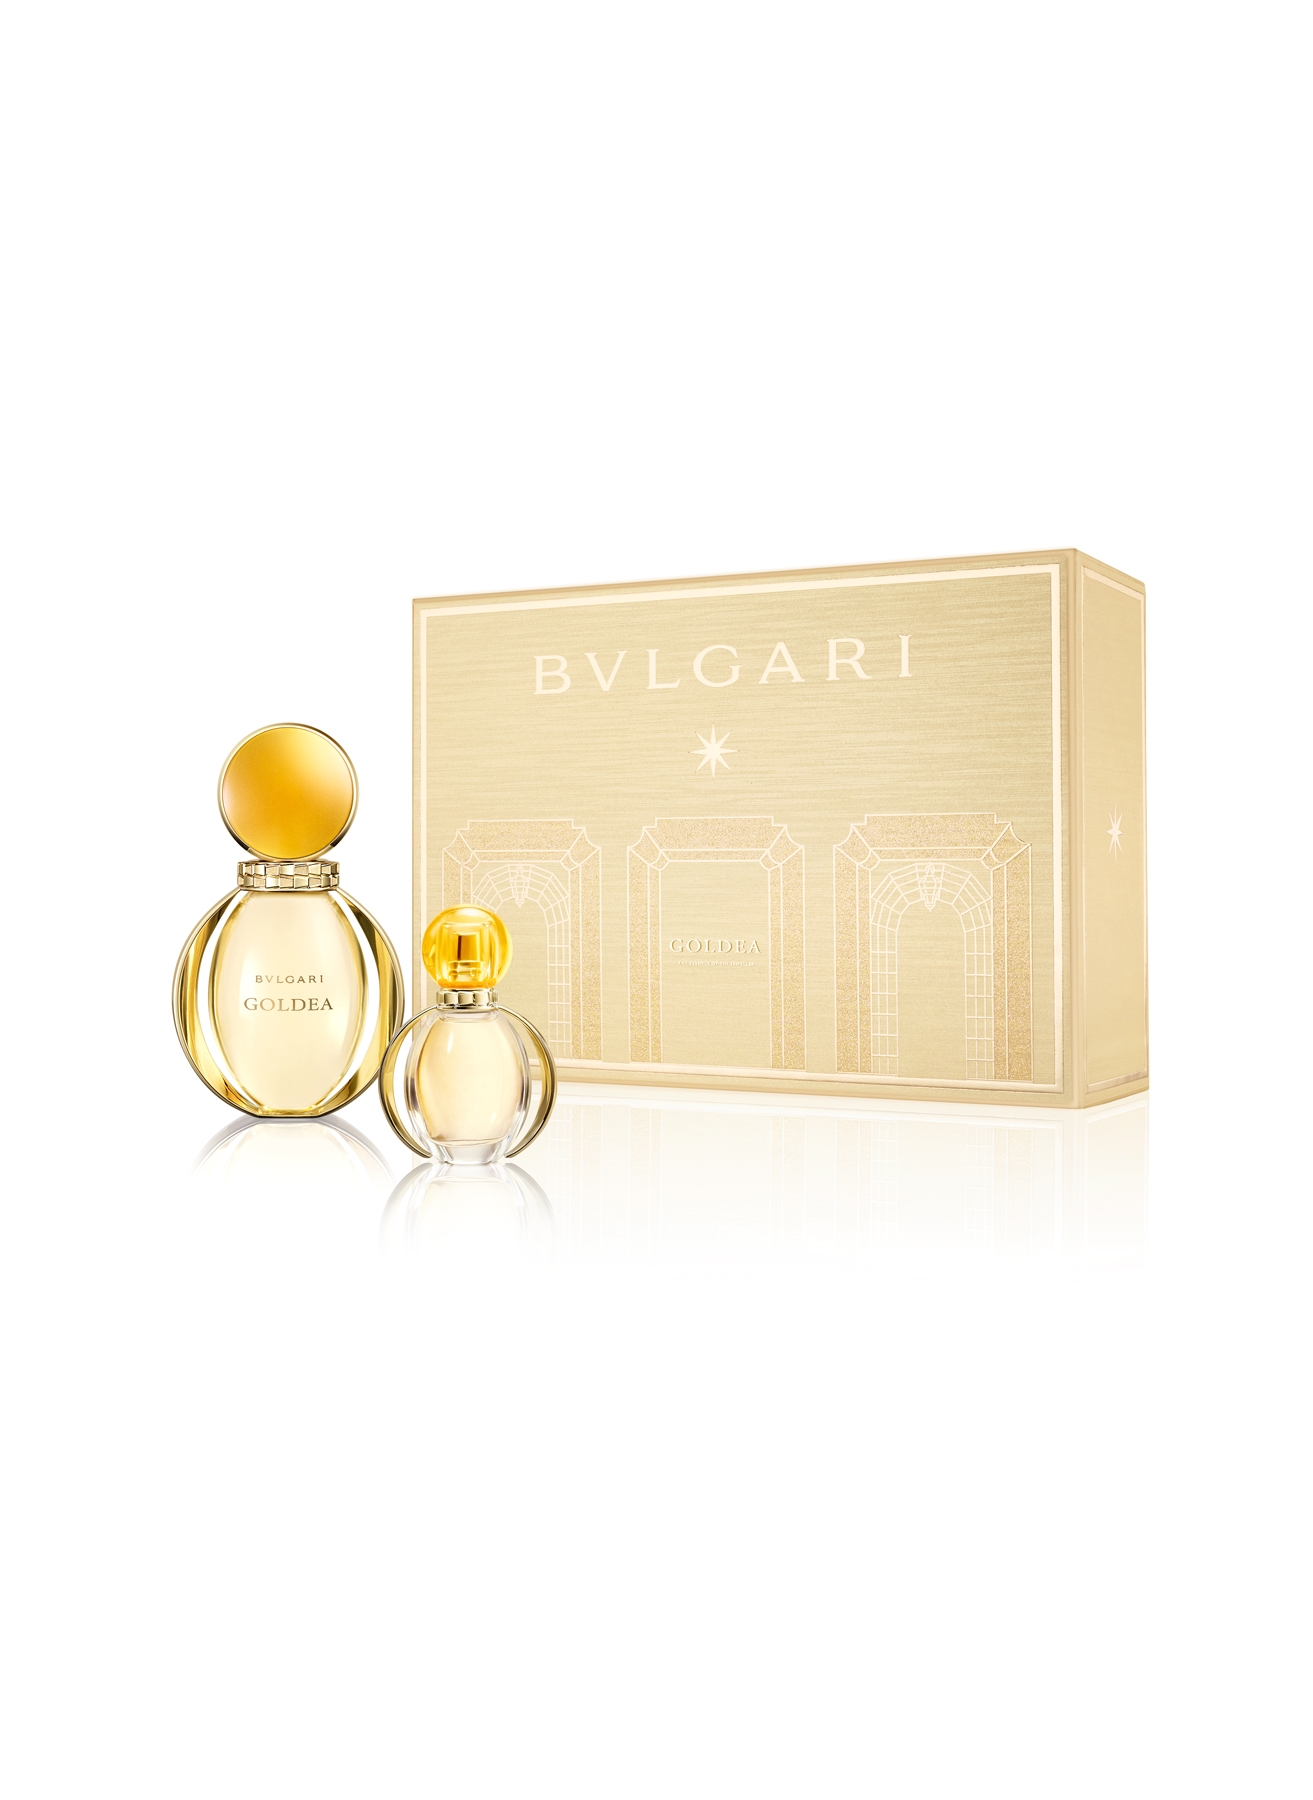 Bvlgari Bvl Goldea Edp 50 ml Kadın Parfüm Set 5000184778001 Ürün Resmi